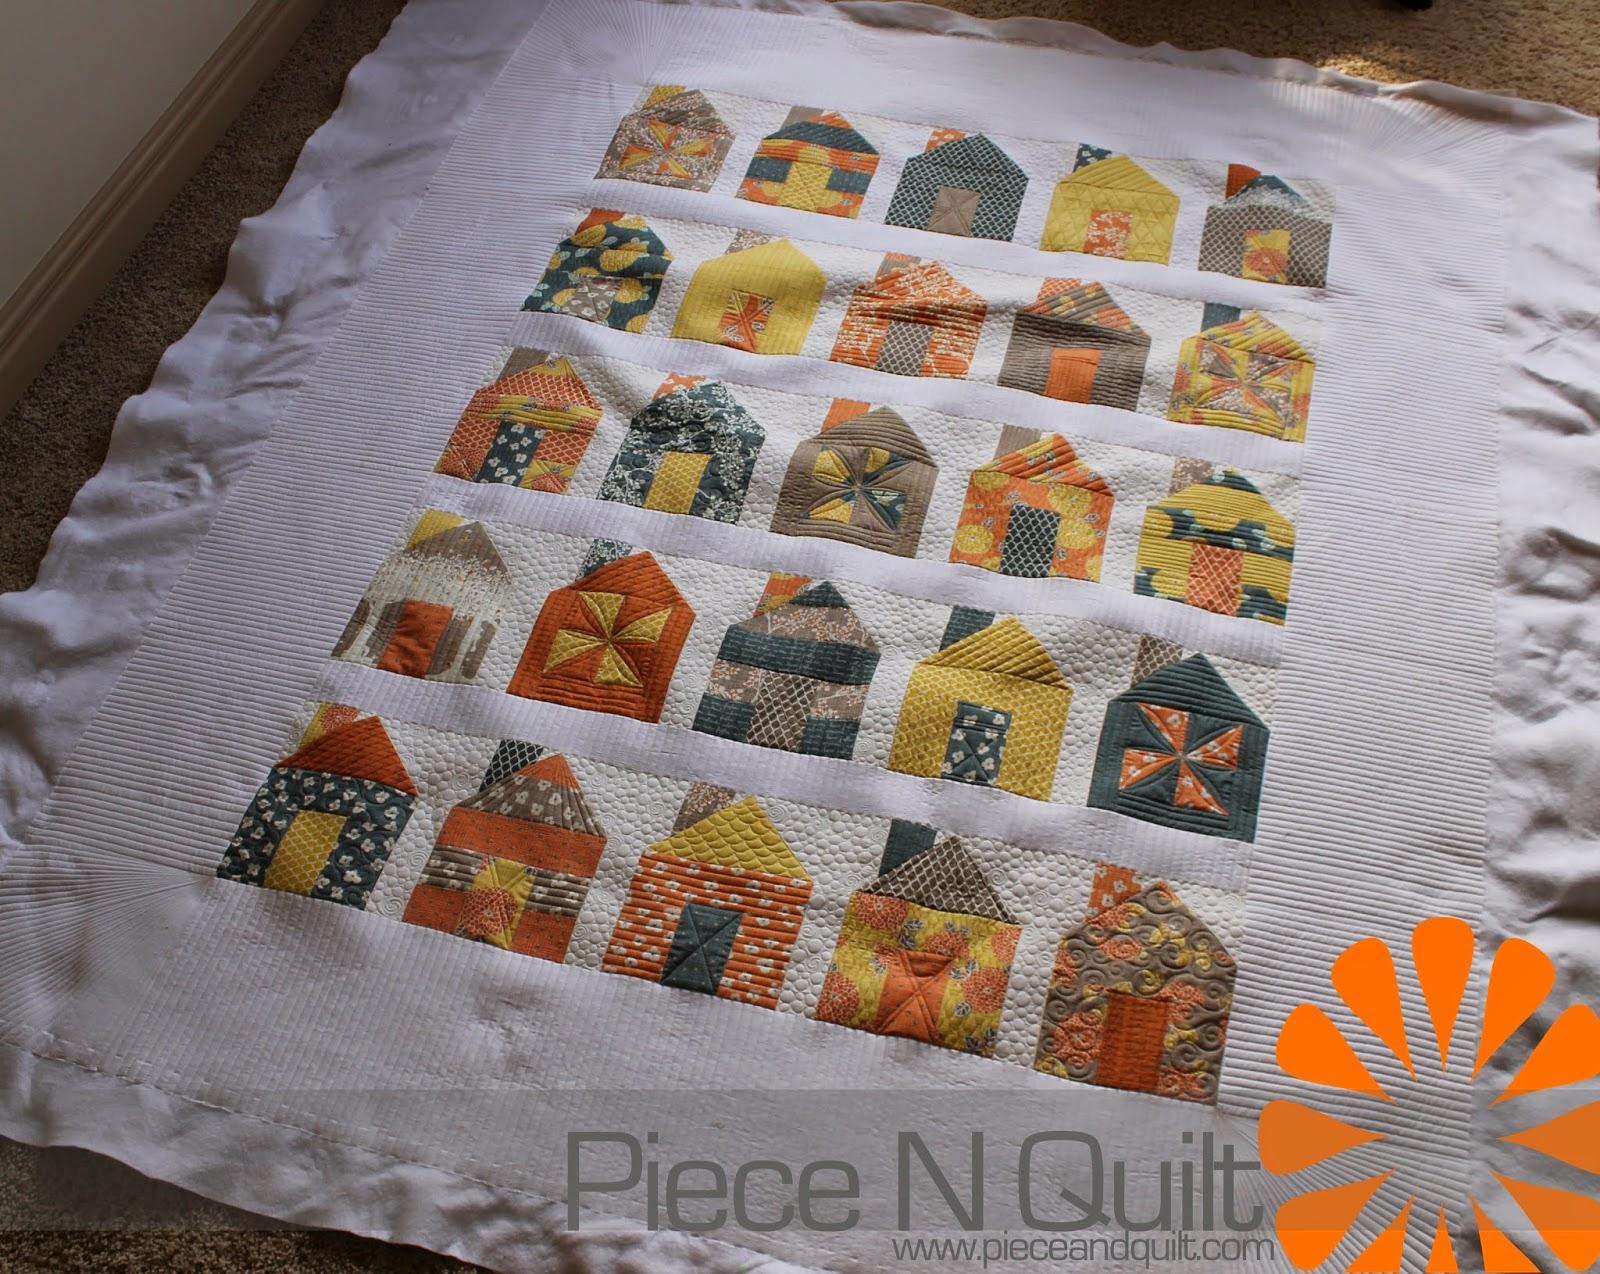 Piece N Quilt: Dwell Quilt - Custom Machine Quilting : piece n quilt - Adamdwight.com